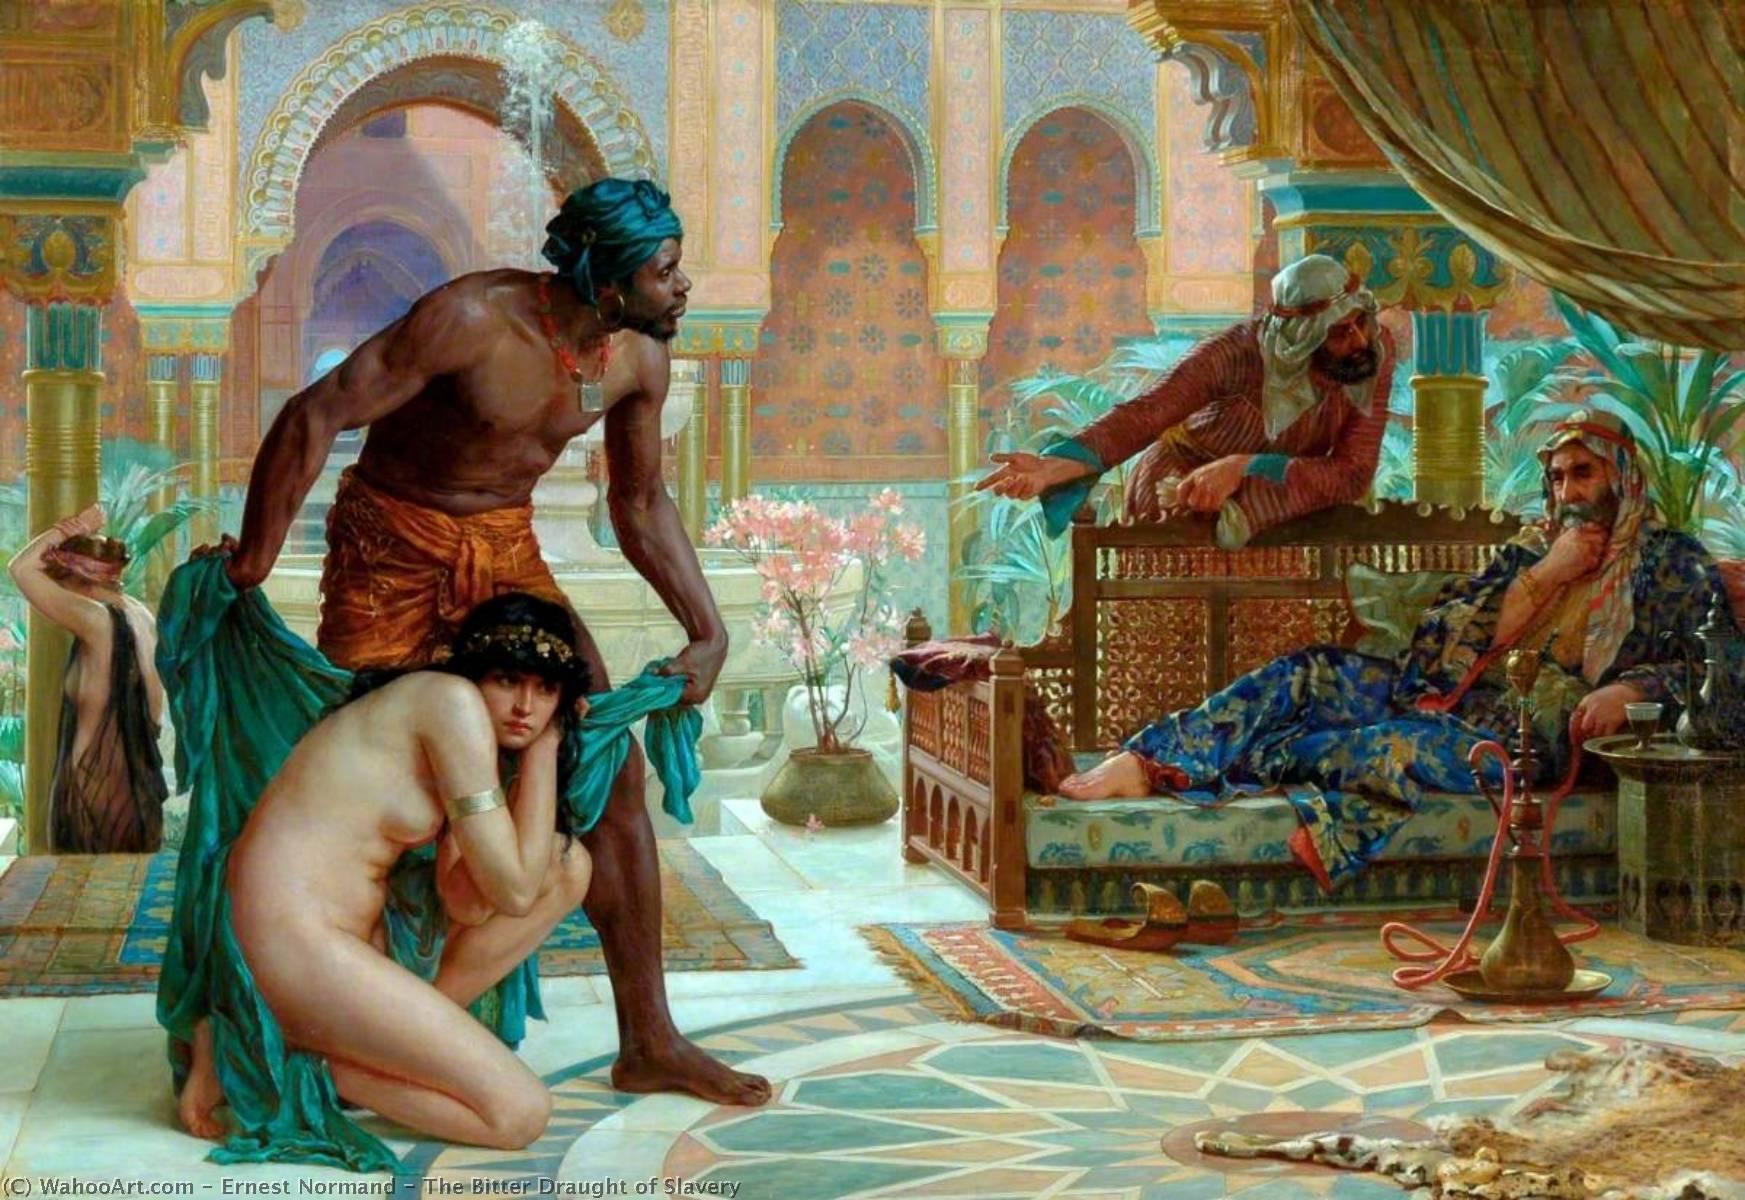 Sex slave market pics porn picture